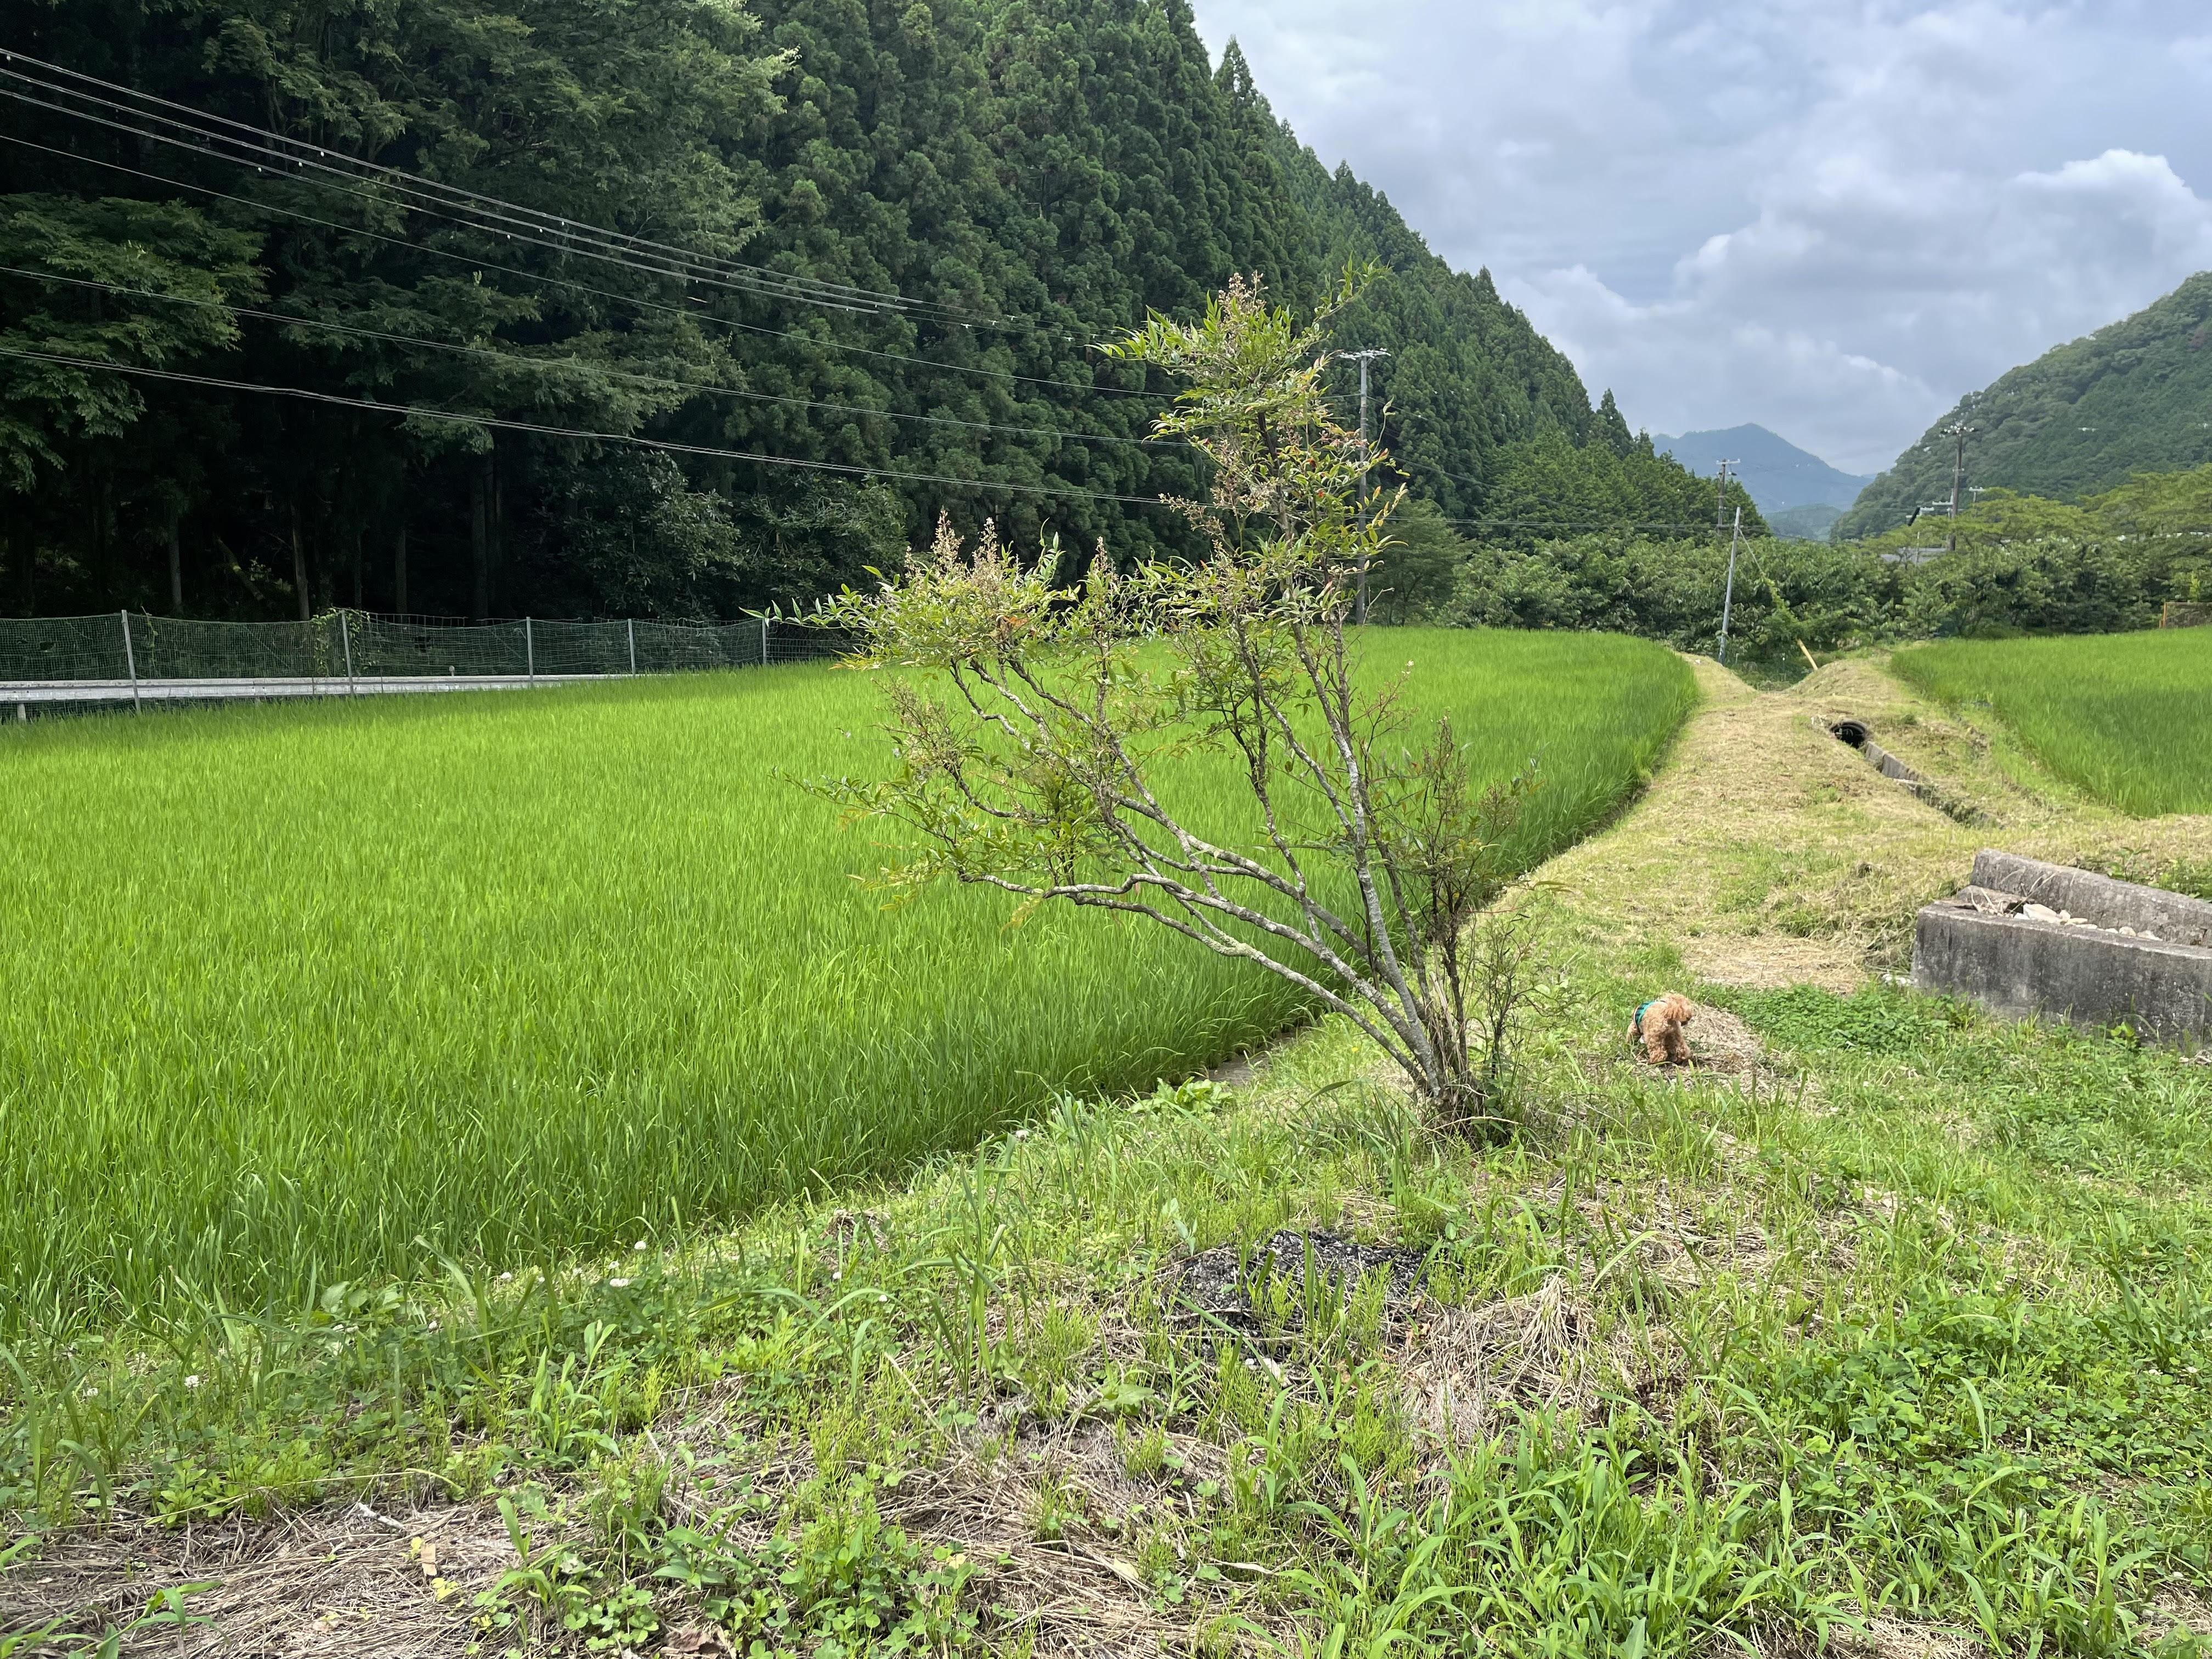 里山・田んぼ(農地)の風景を活かした宿泊施設の写真2